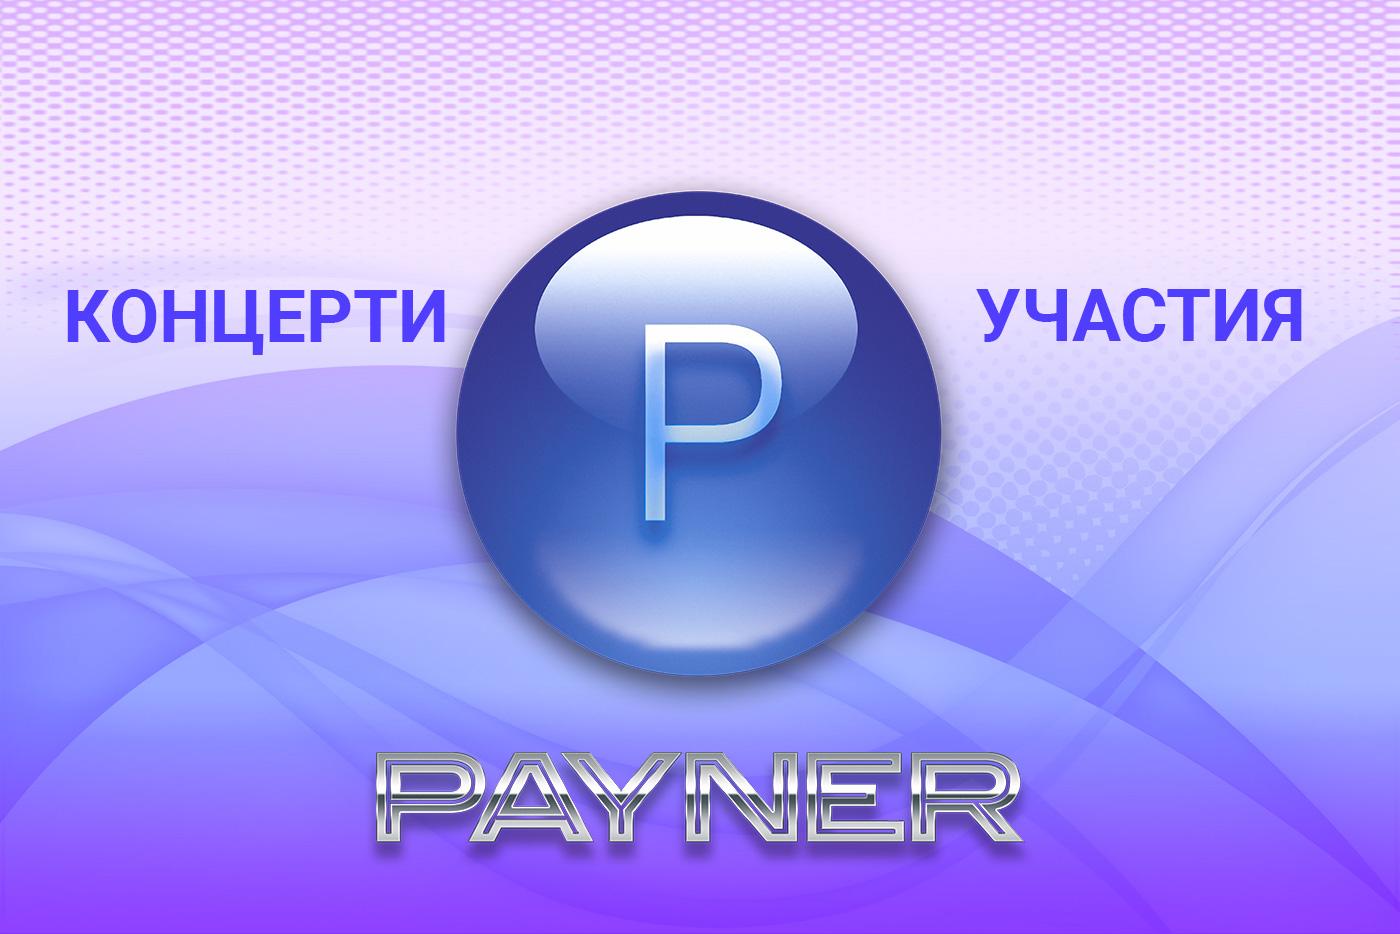 """Участия на звездите на """"Пайнер"""" на 14.08.2019"""